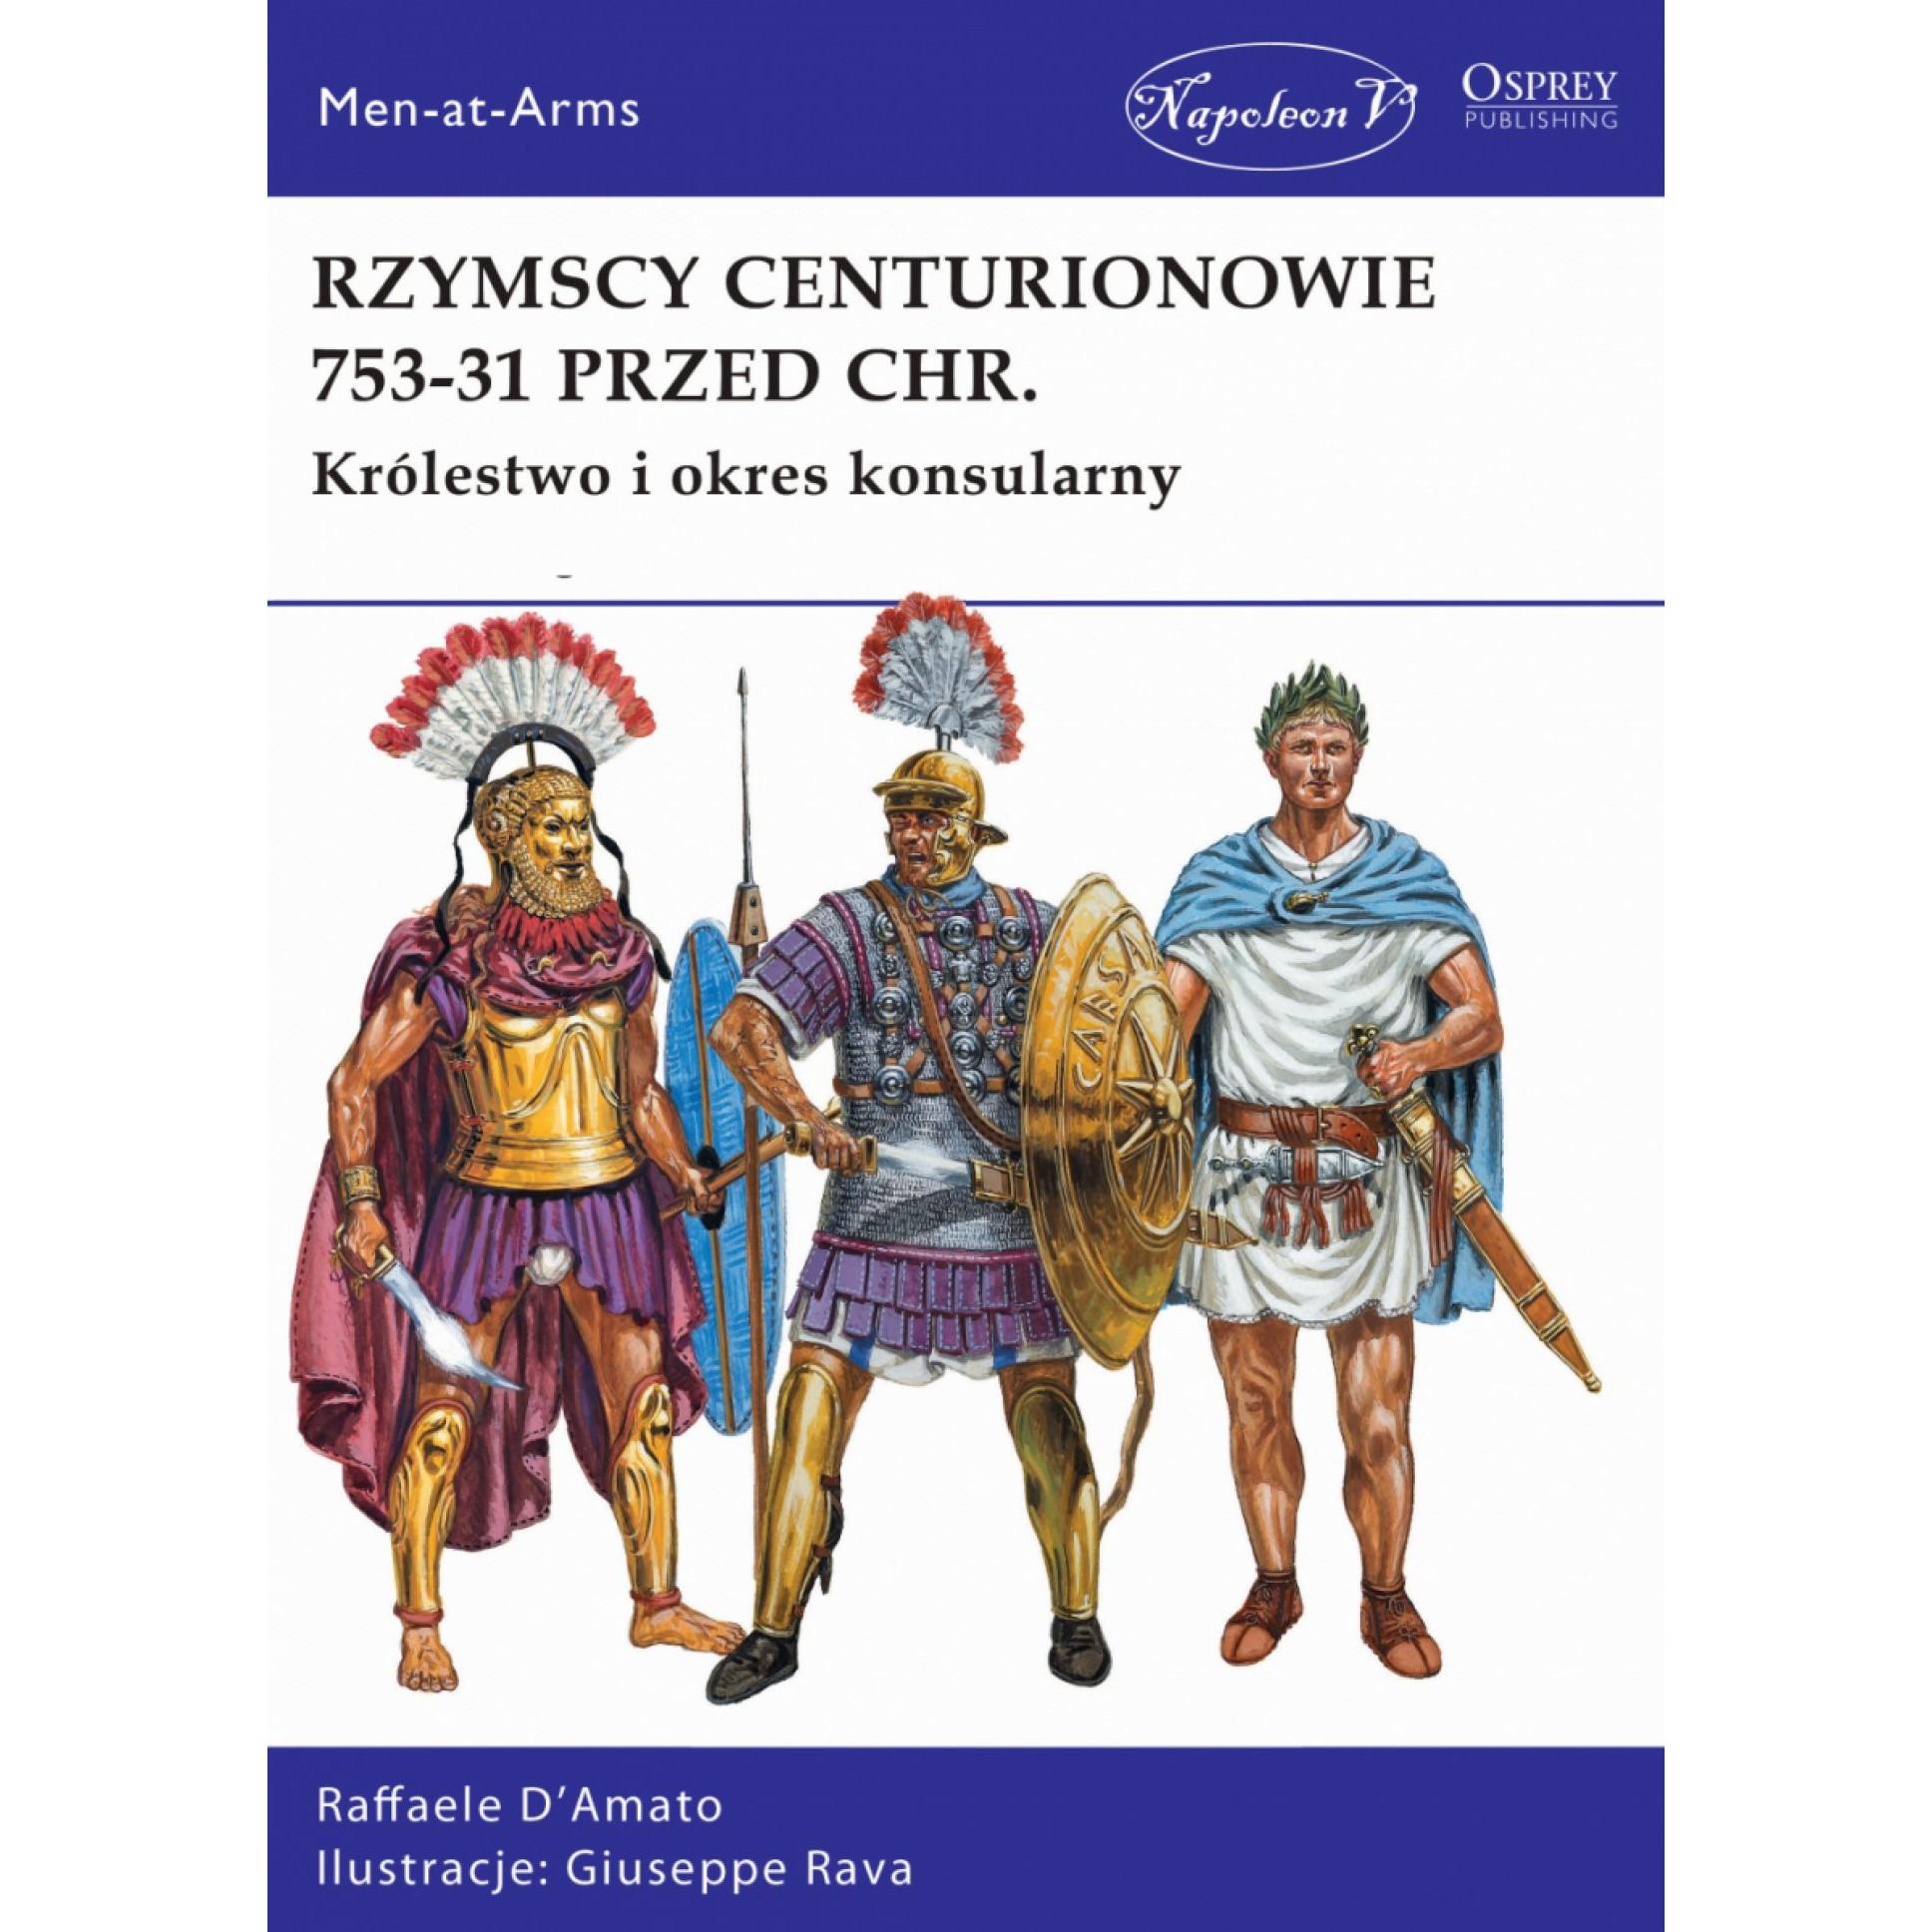 Rzymscy centurionowie 753-31 przed Chr. Królestwo i okres konsularny